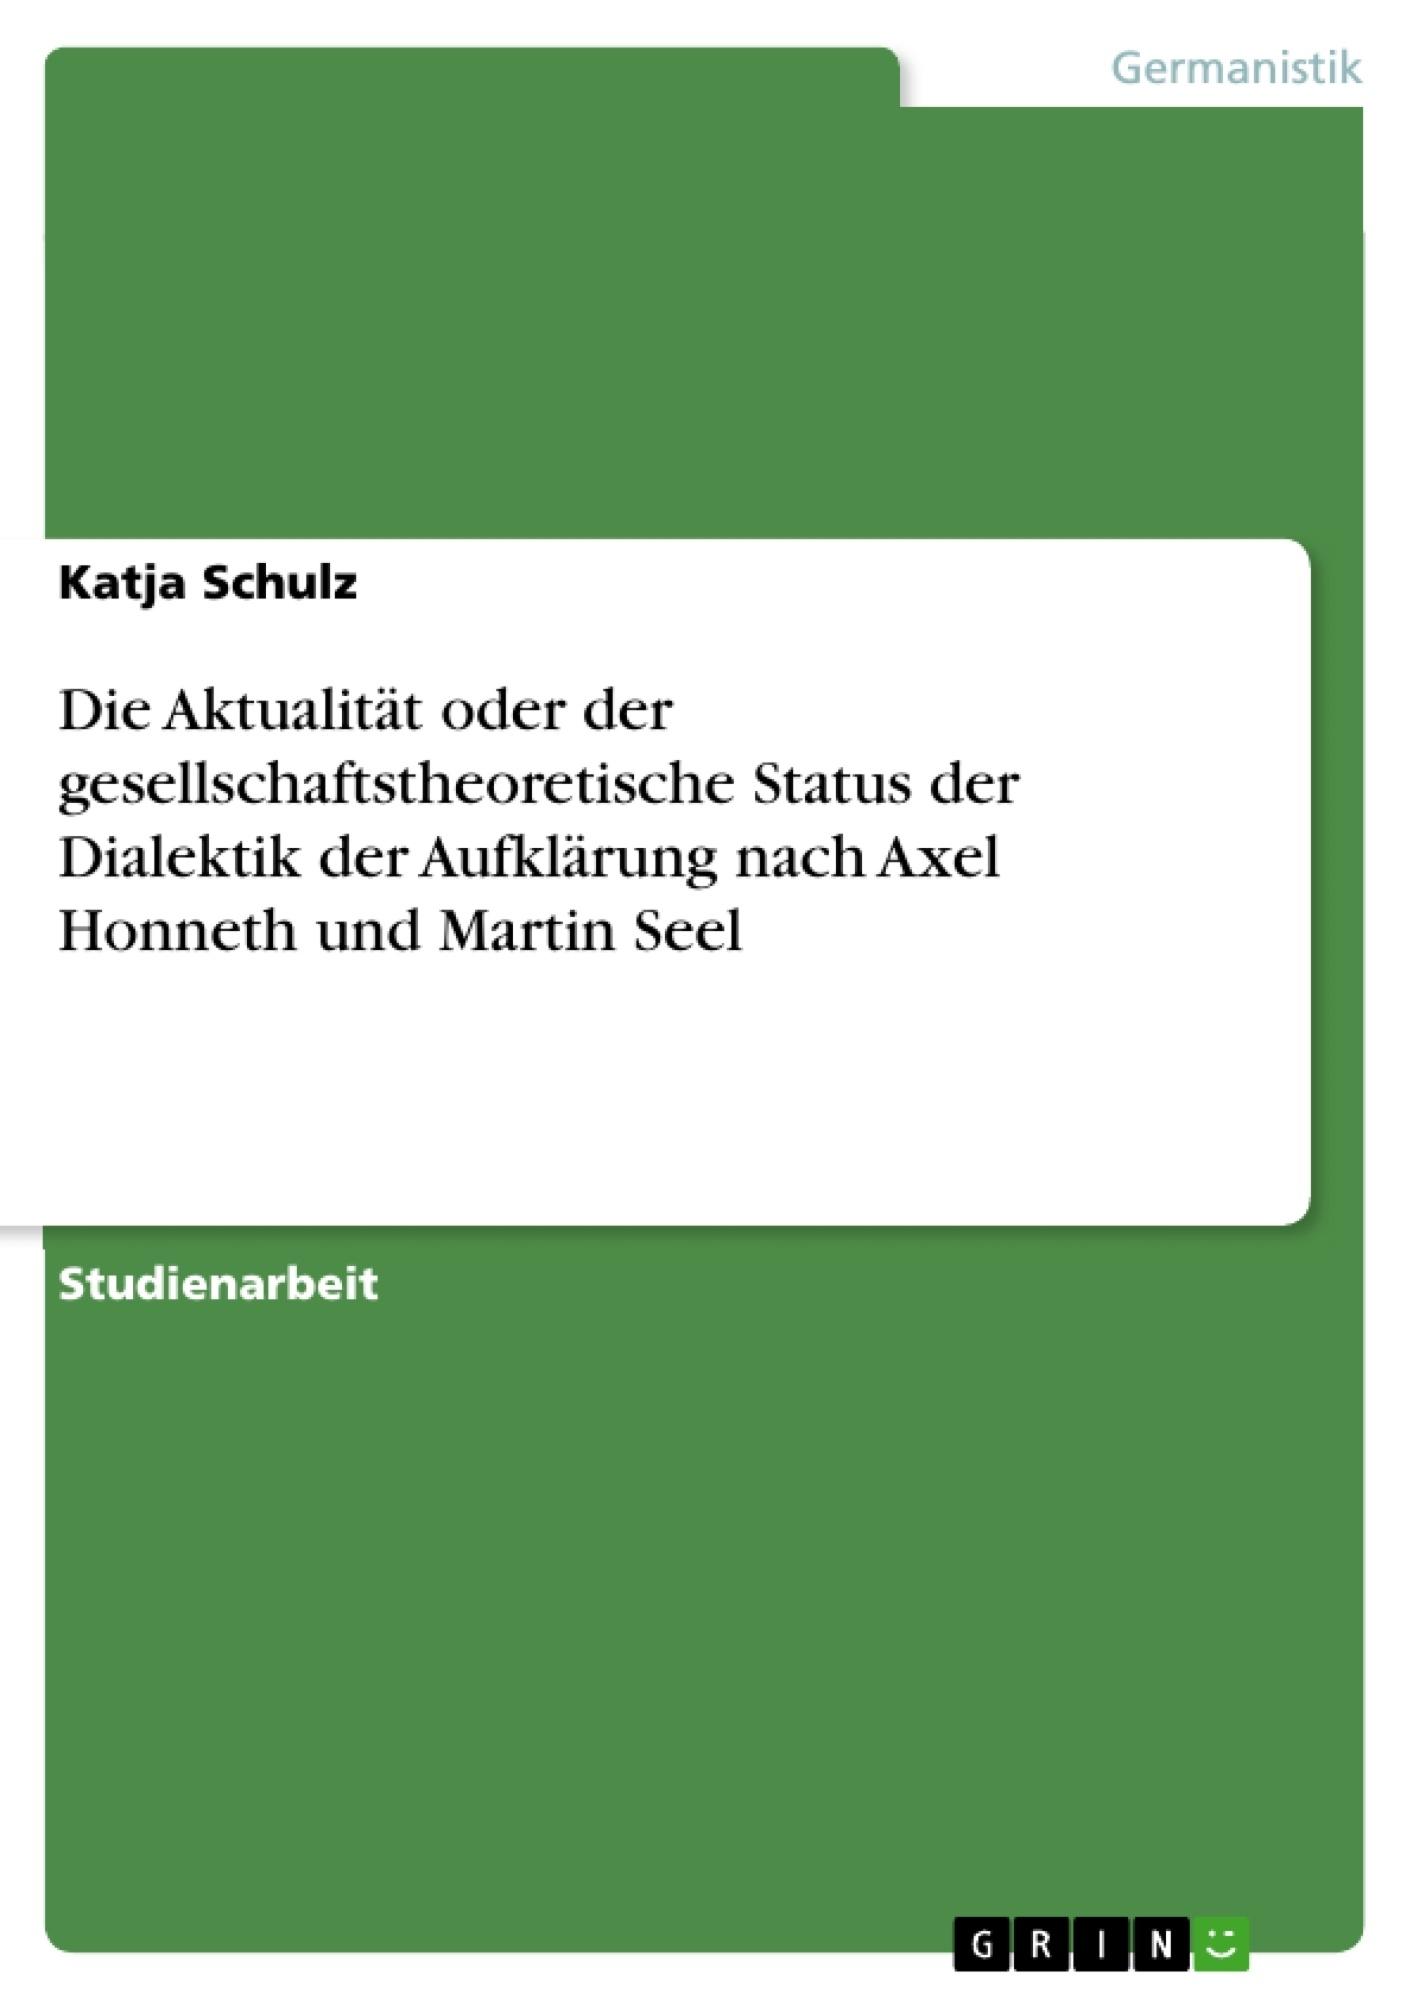 Titel: Die Aktualität oder der gesellschaftstheoretische Status der Dialektik der Aufklärung nach Axel Honneth und Martin Seel